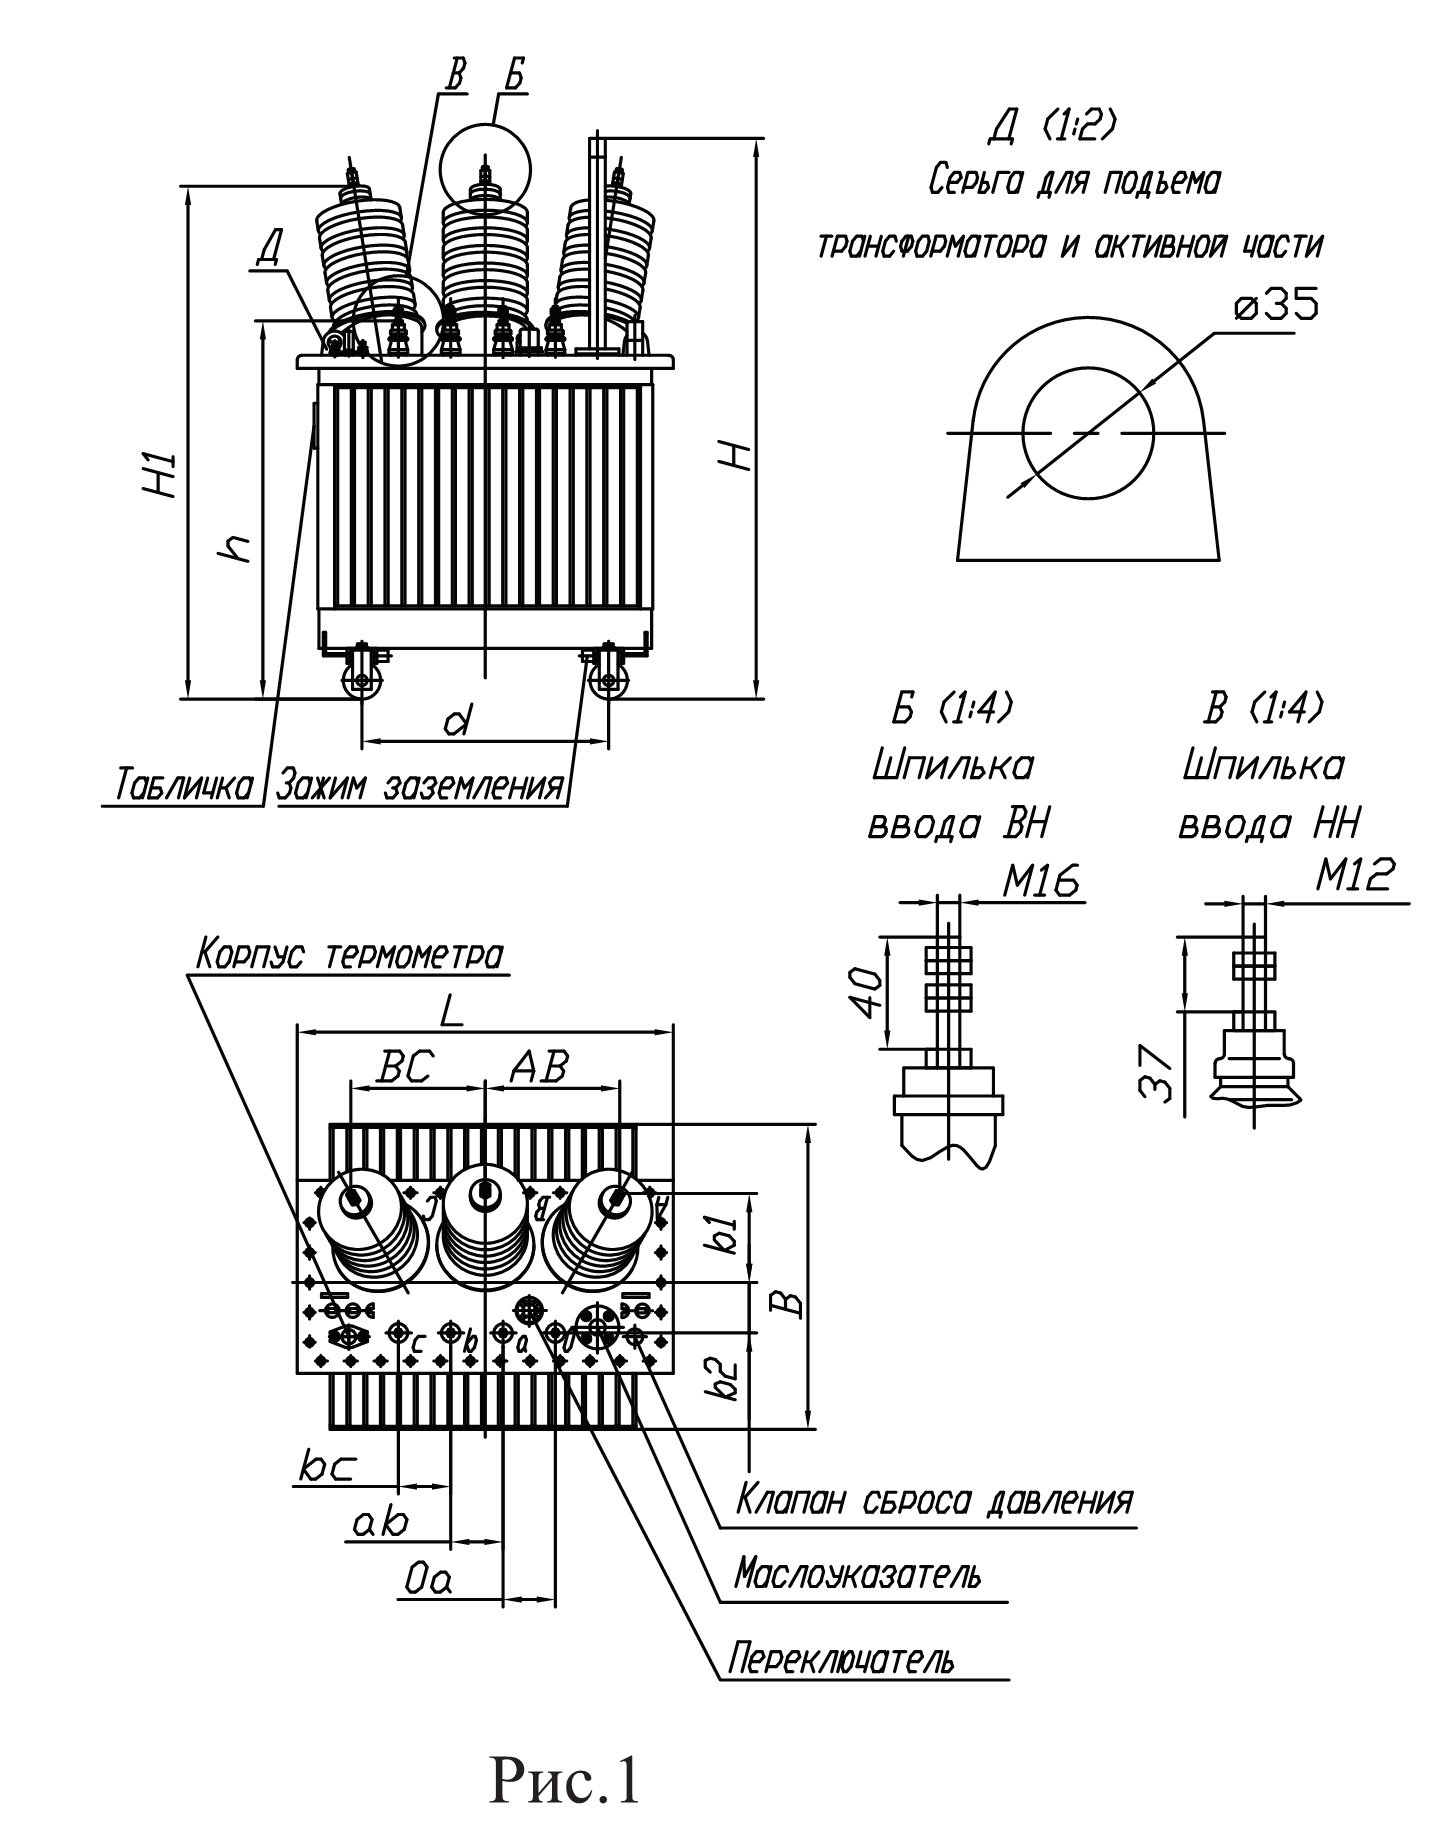 Трансформаторы трехфазные масляные класса напряжения 35 кВ для железнодорожного транспорта